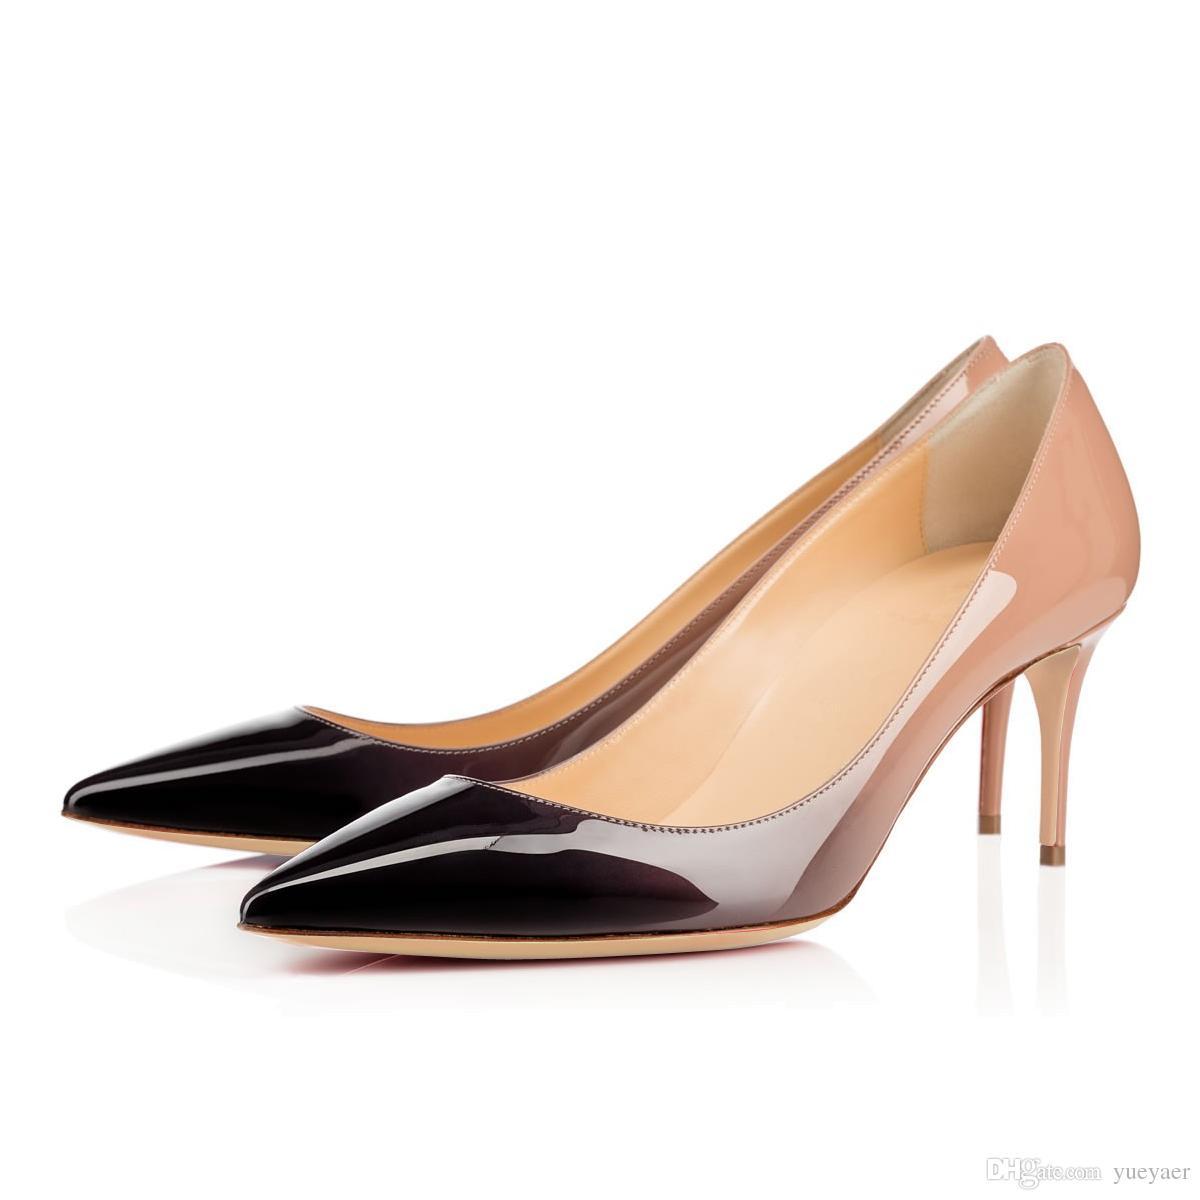 Karmran Kadınlar El Yapımı Moda Ayakkabı Kolete 85mm Sivri Toe Yüksek Topuk Temel Ofis Parti Pompaları Ayakkabı Degrade